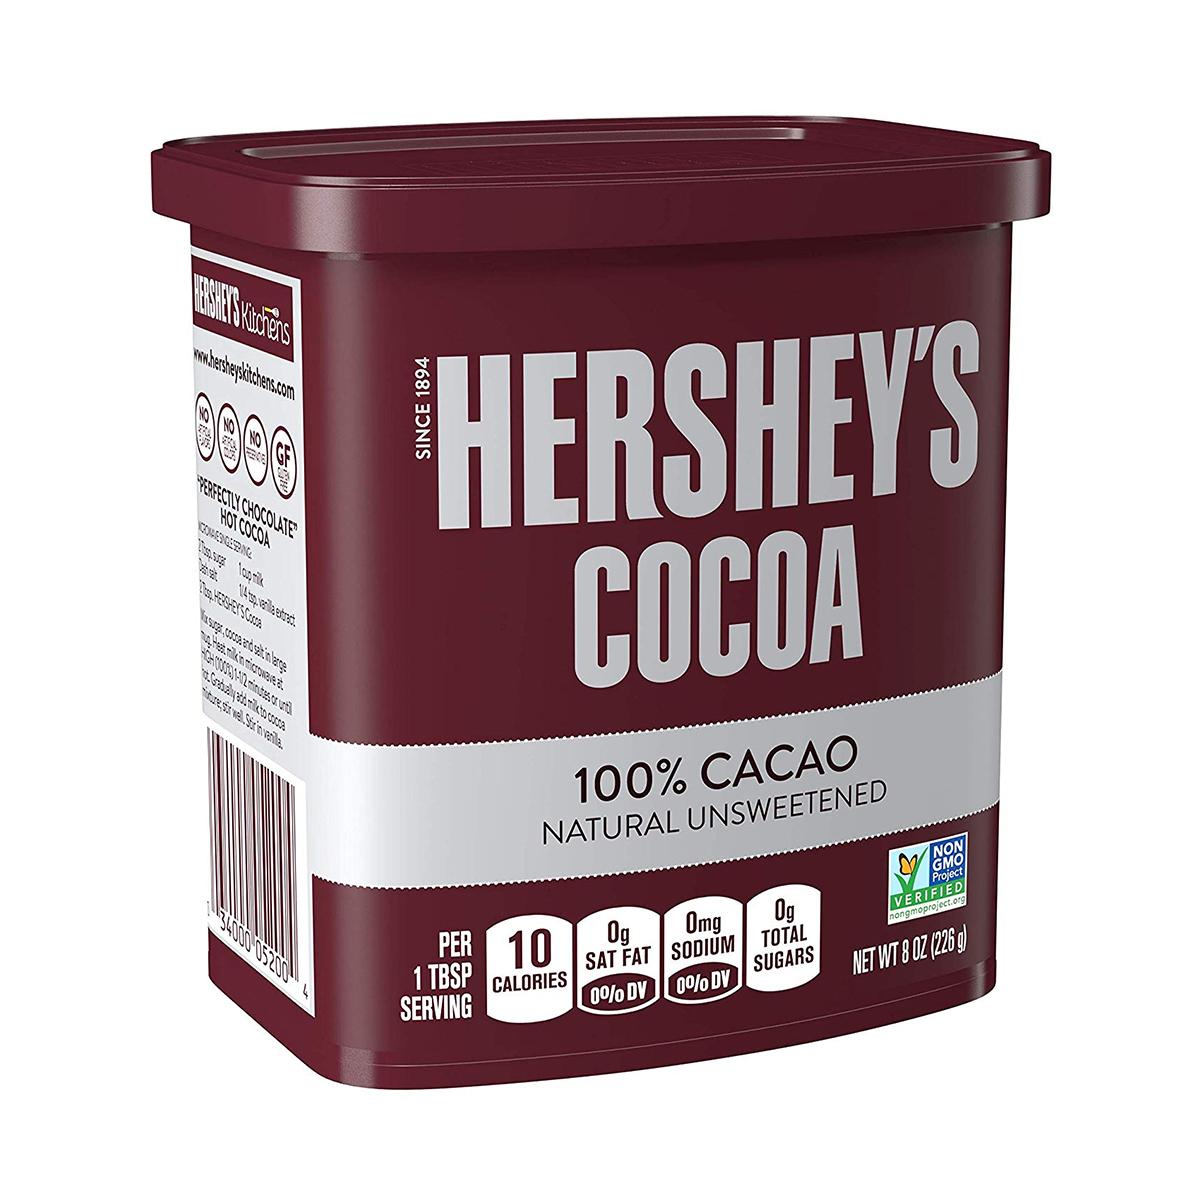 پودر کاکائو هرشیز مقدار 226 گرم